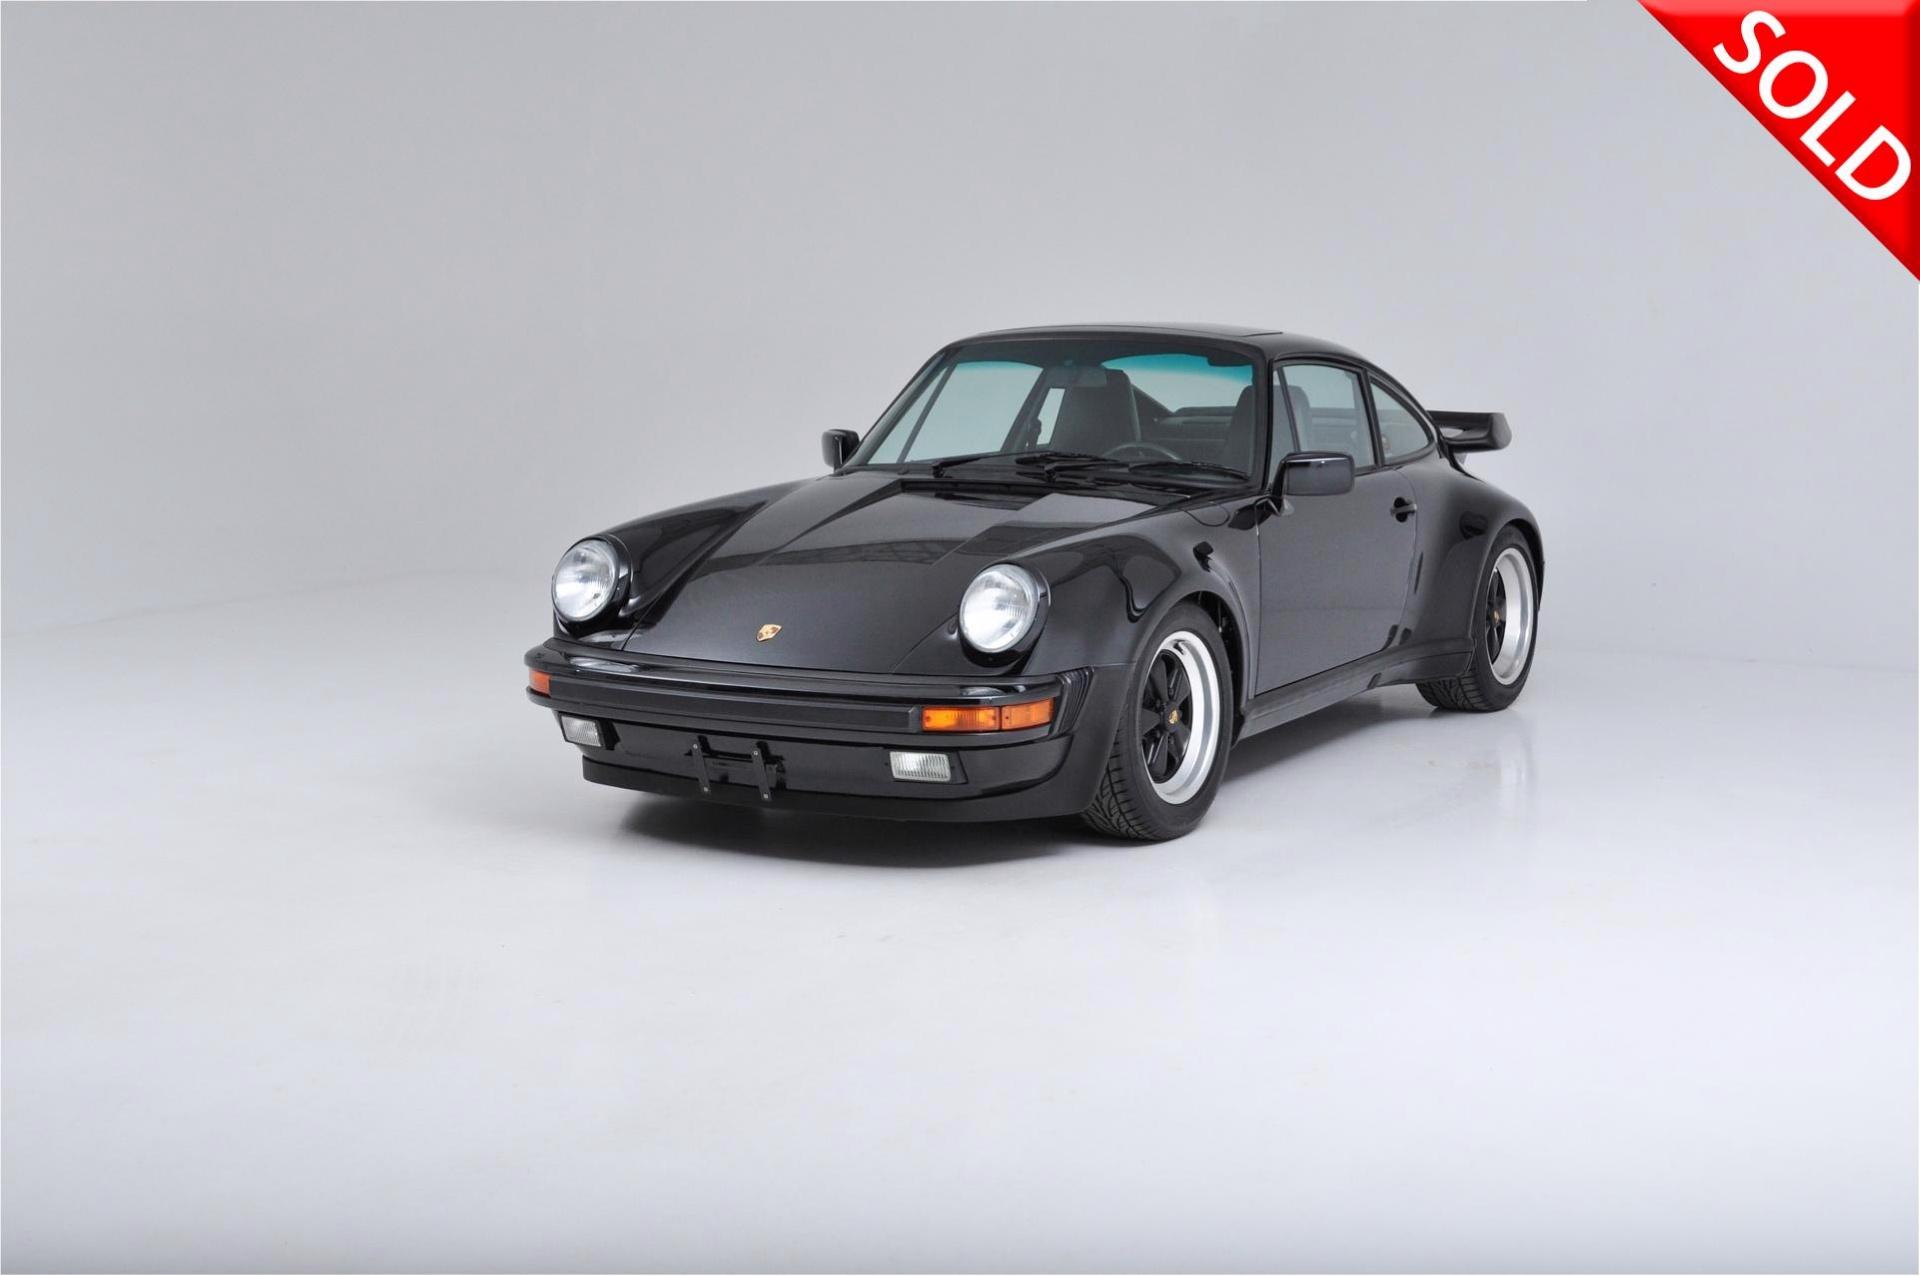 1989 Porsche 930 Turbo Carrera Stock 1989103 For Sale Near